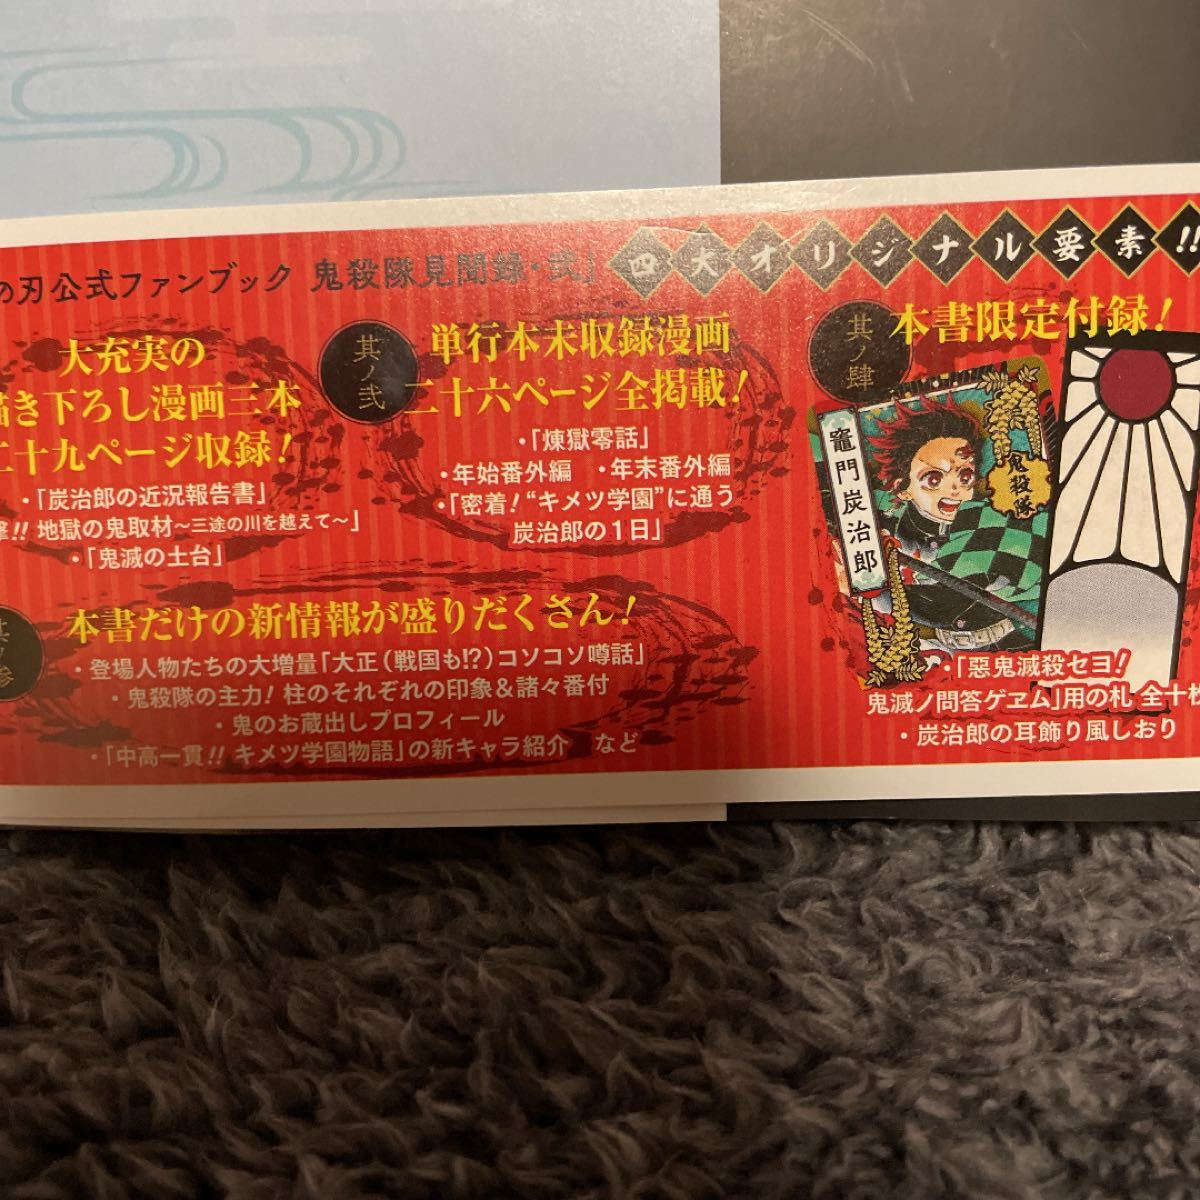 鬼滅の刃公式ファンブック 鬼殺隊見聞 2